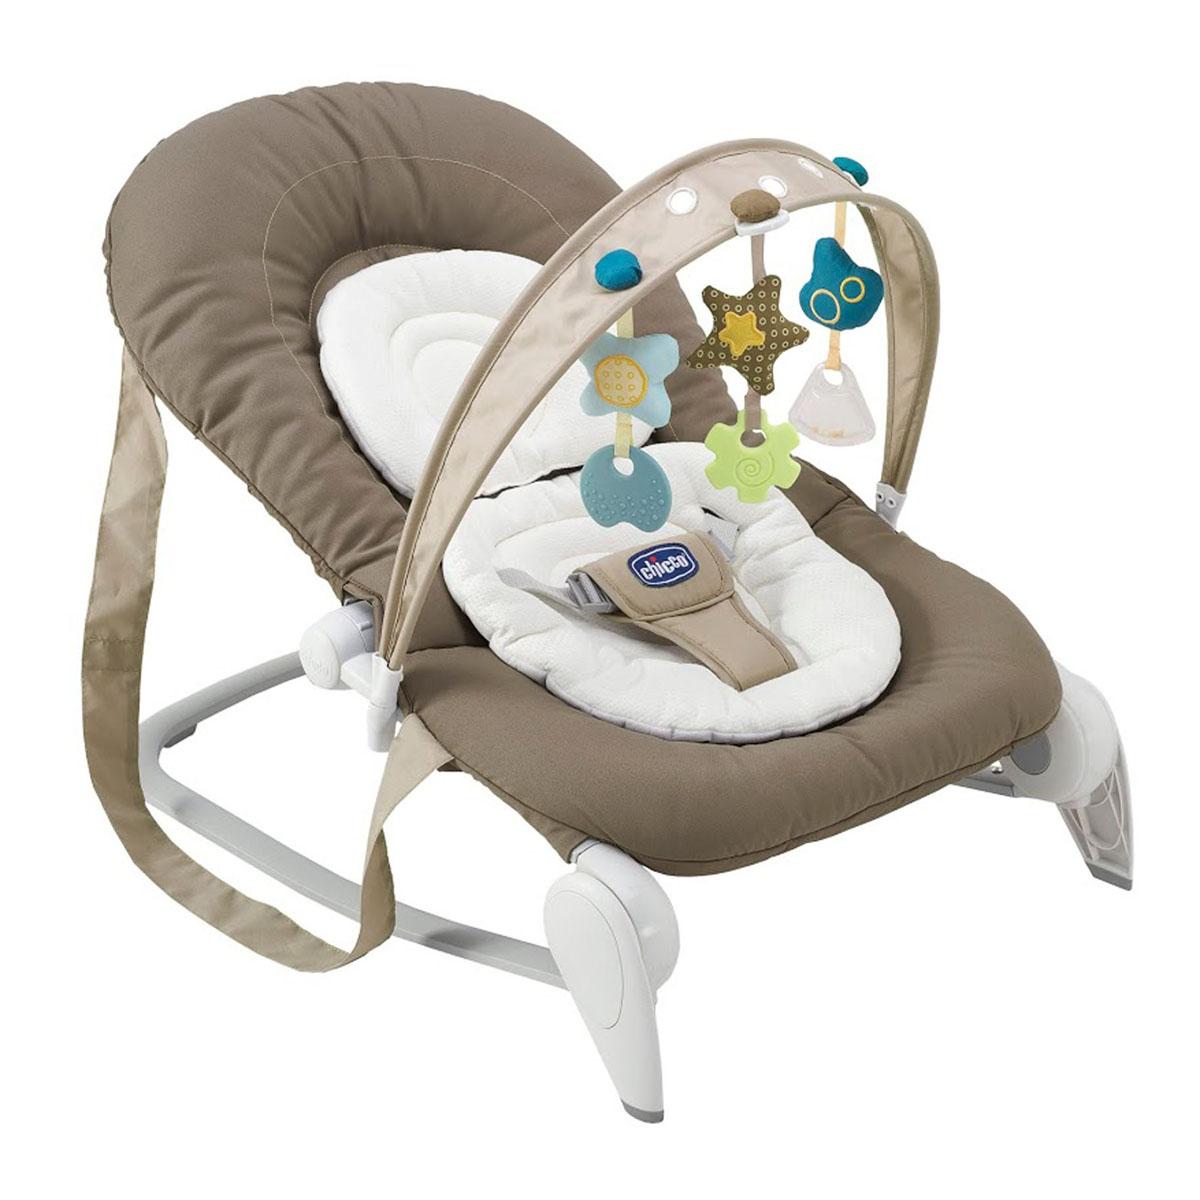 """Кресло-качалка Chicco (Чико) """"Hoopla"""" - это легкое и удобное кресло-качалка для детей с рождения до 9 кг (6 месяцев). Разборный каркас кресла выполнен из легкой, но прочной стали. Мягкое широкое сиденье, обивка которого изготовлена из нетоксичной ткани, обеспечивает ребенку оптимальный комфорт. Имеется съемная моющаяся подкладка. Ребенок фиксируется в кресле при помощи мягкого трехточечного ремня безопасности. Кресло снабжено съемной подвеской с тремя забавными игрушками, оснащенной эксклюзивной инновационной системой Slide Line, позволяющей перемещать игрушки вдоль арки, что несомненно понравится малышу. Кресло имеет два режима: зафиксированный и качающийся. Спинка сиденья откидывается в различные положения, позволяя выбрать подходящее. Подголовник с модульной подушечкой регулируется под рост малыша. Игрушки привлекут внимание малыша и помогут развить зрительное, звуковое и тактильное восприятия и мелкую моторику рук ребенка. В сложенном виде кресло компактно для..."""